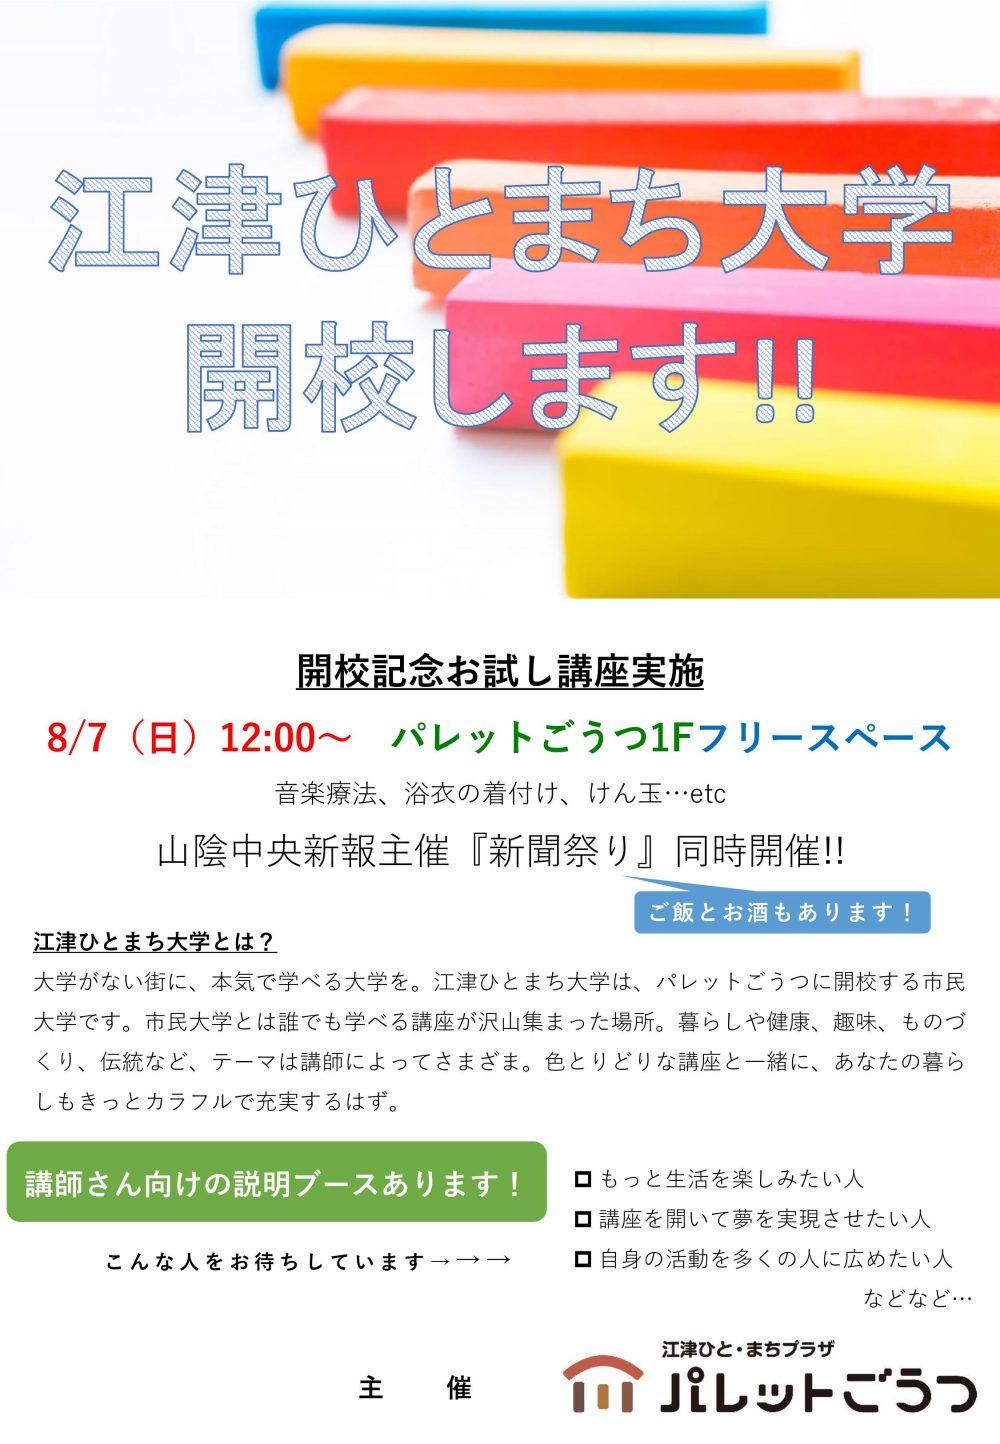 江津ひとまち大学開校記念!8/7の新聞祭りで体験講座を開講するよ!